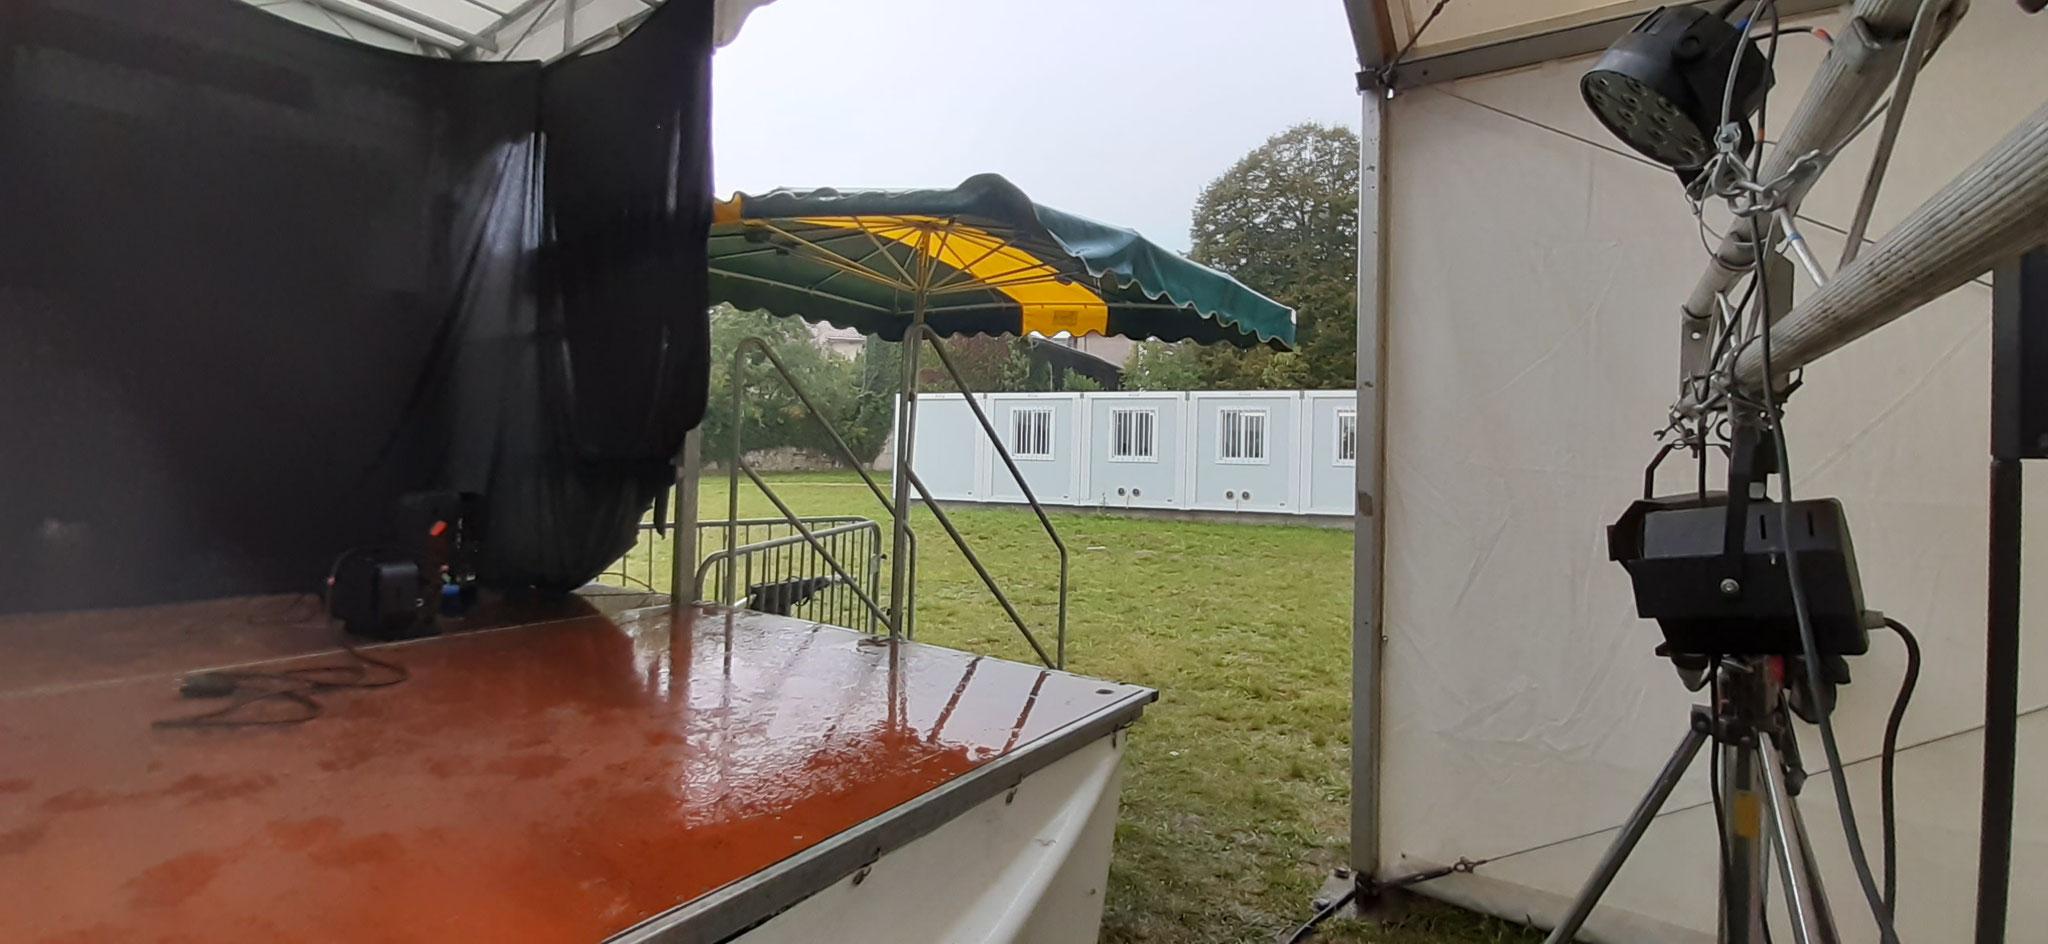 Un parasol pour se protéger... (c) JDR